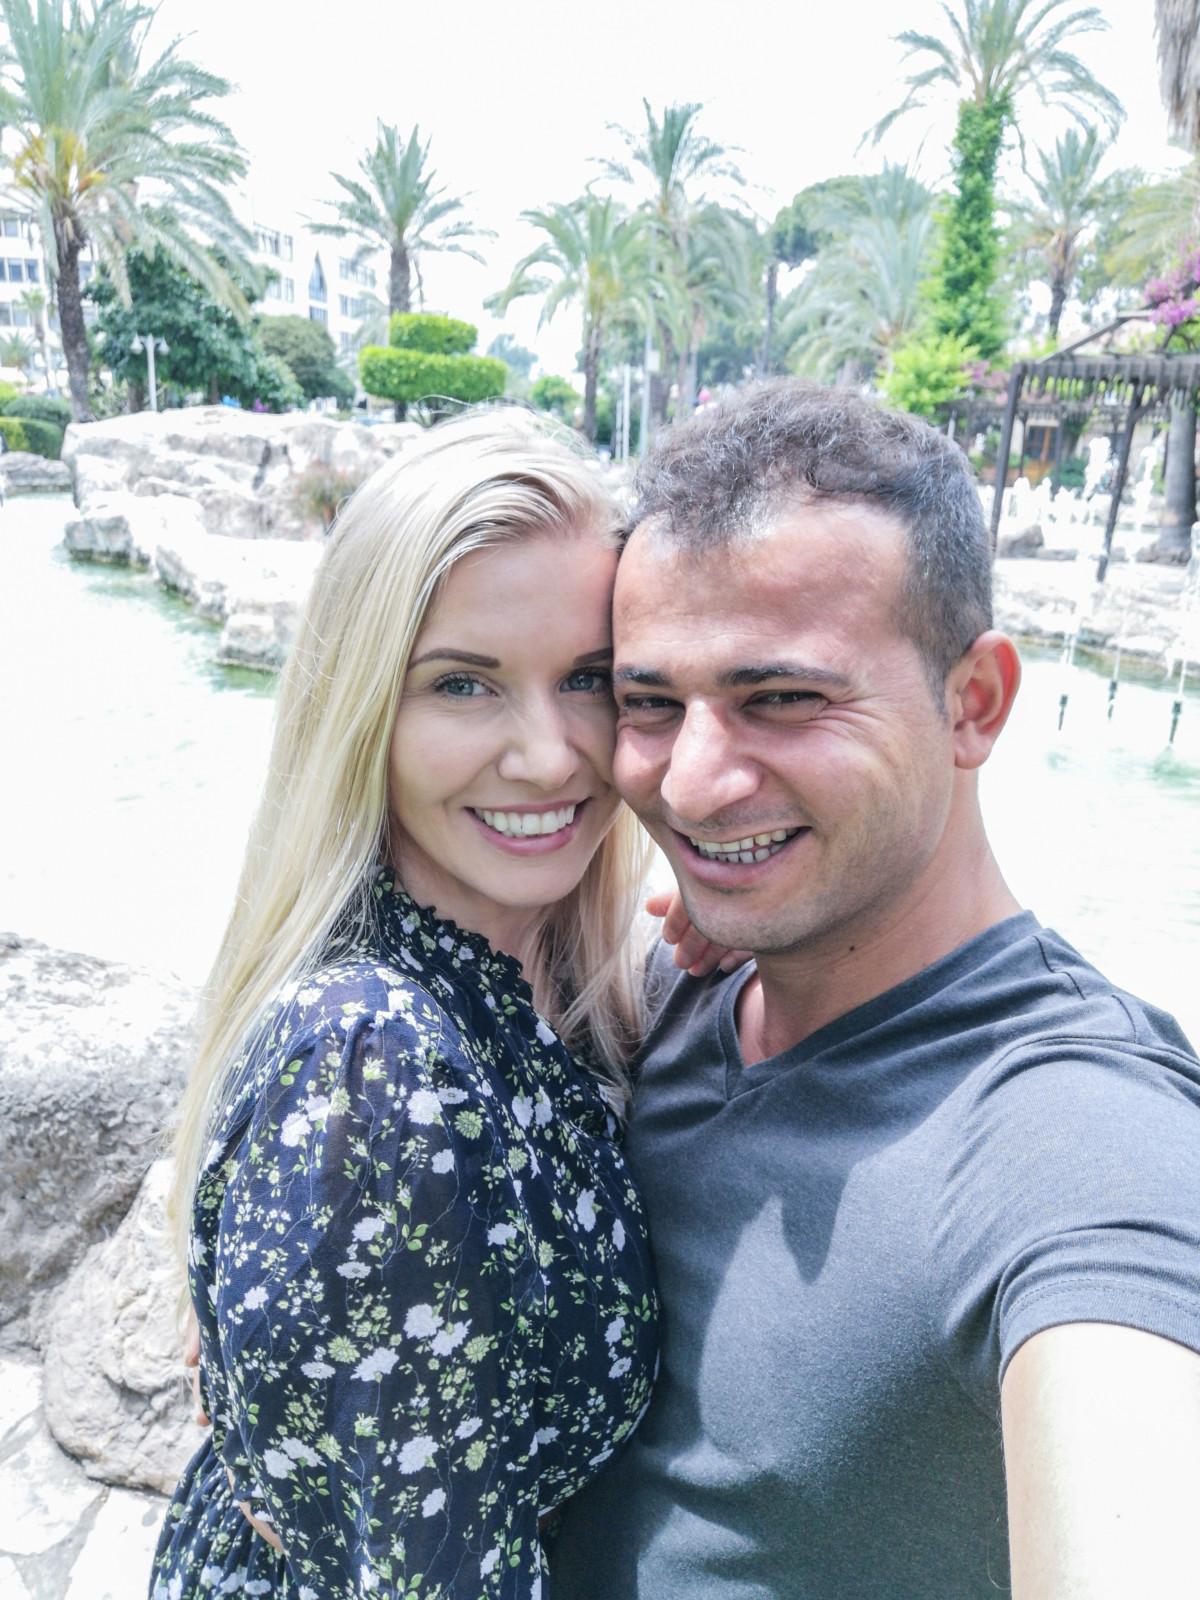 Søk etter mannen min på dating sites dating sykelig overvektig mann